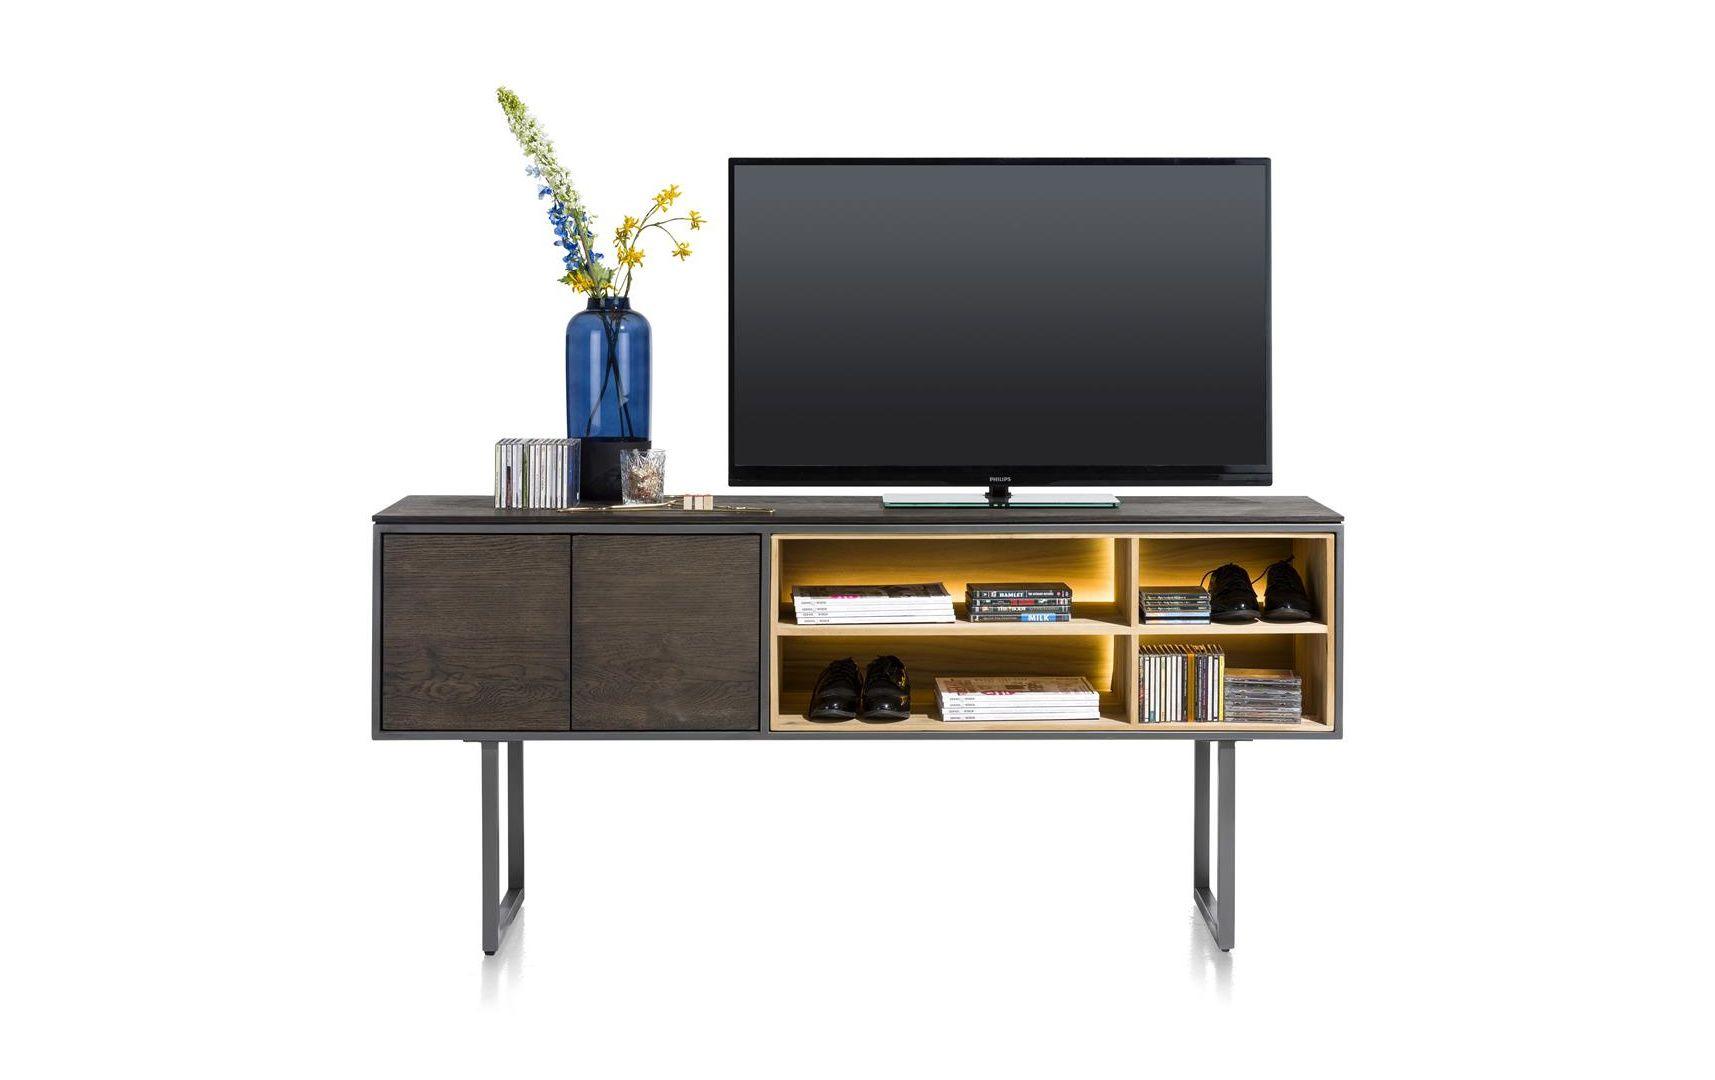 Meuble Tv Haut Moniz 180 Cm + Led - Xooon - Livraison destiné Meuble Tv Haut